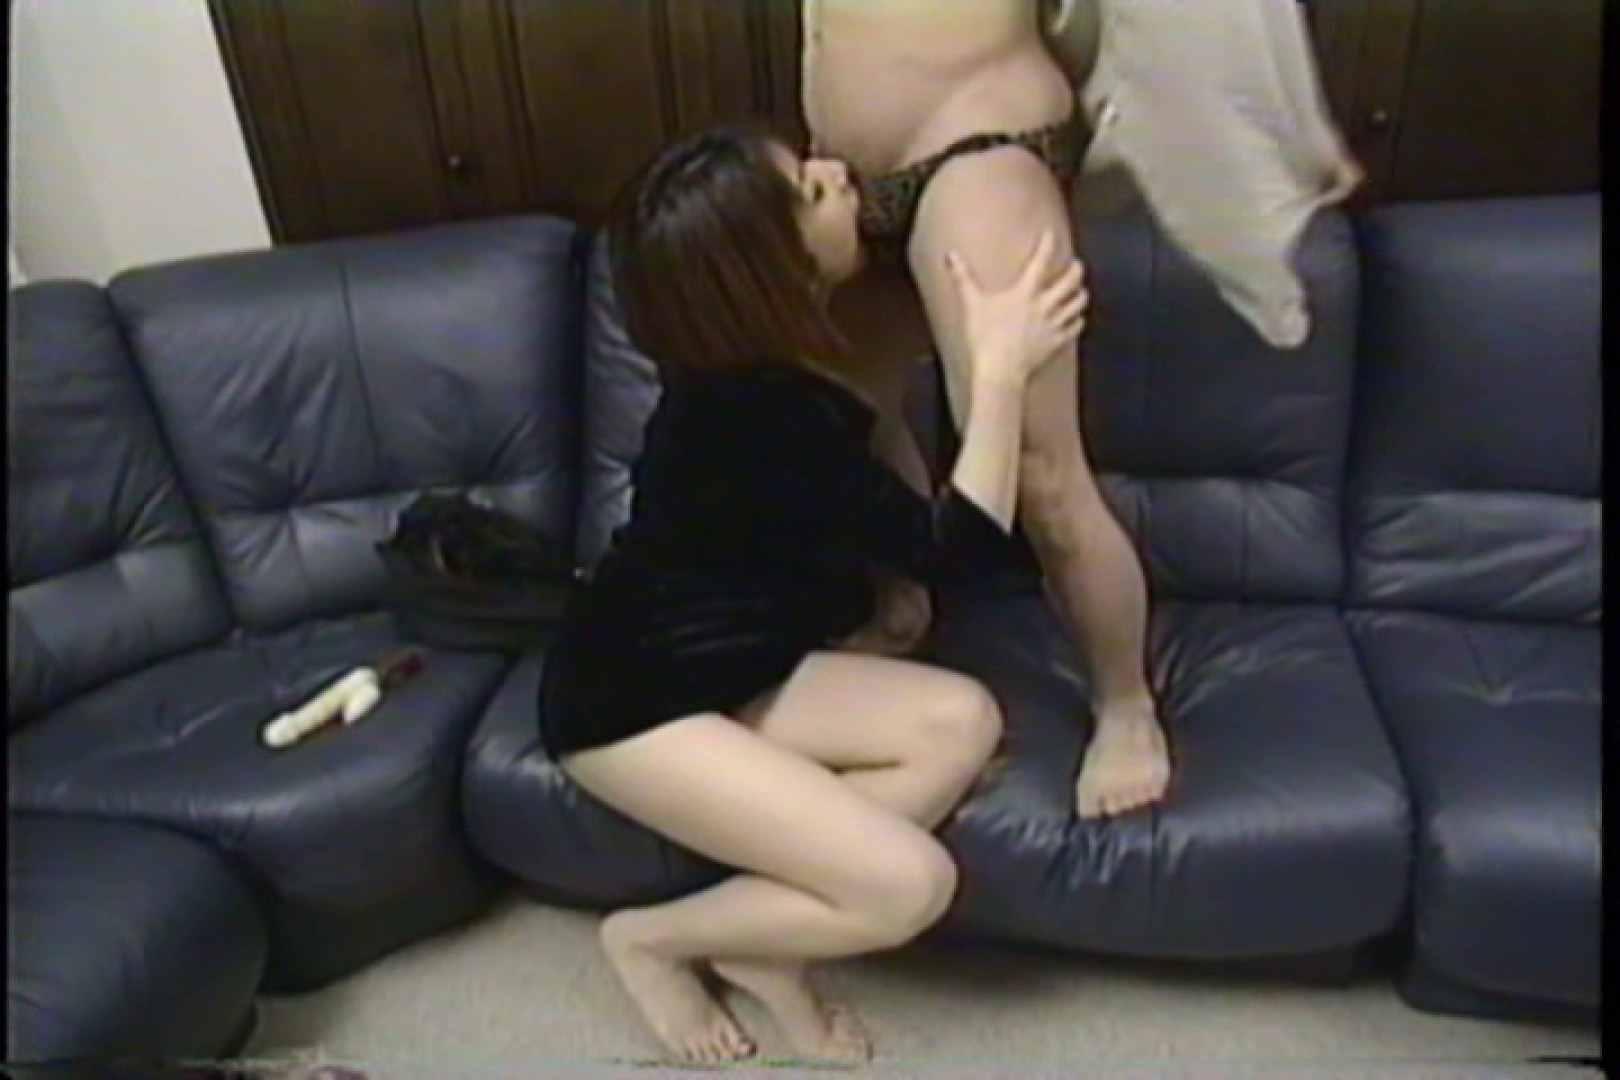 かわいい人妻、巨乳が疼いて止まらない~飯島れいか~ バイブ最高 ワレメ動画紹介 93枚 73